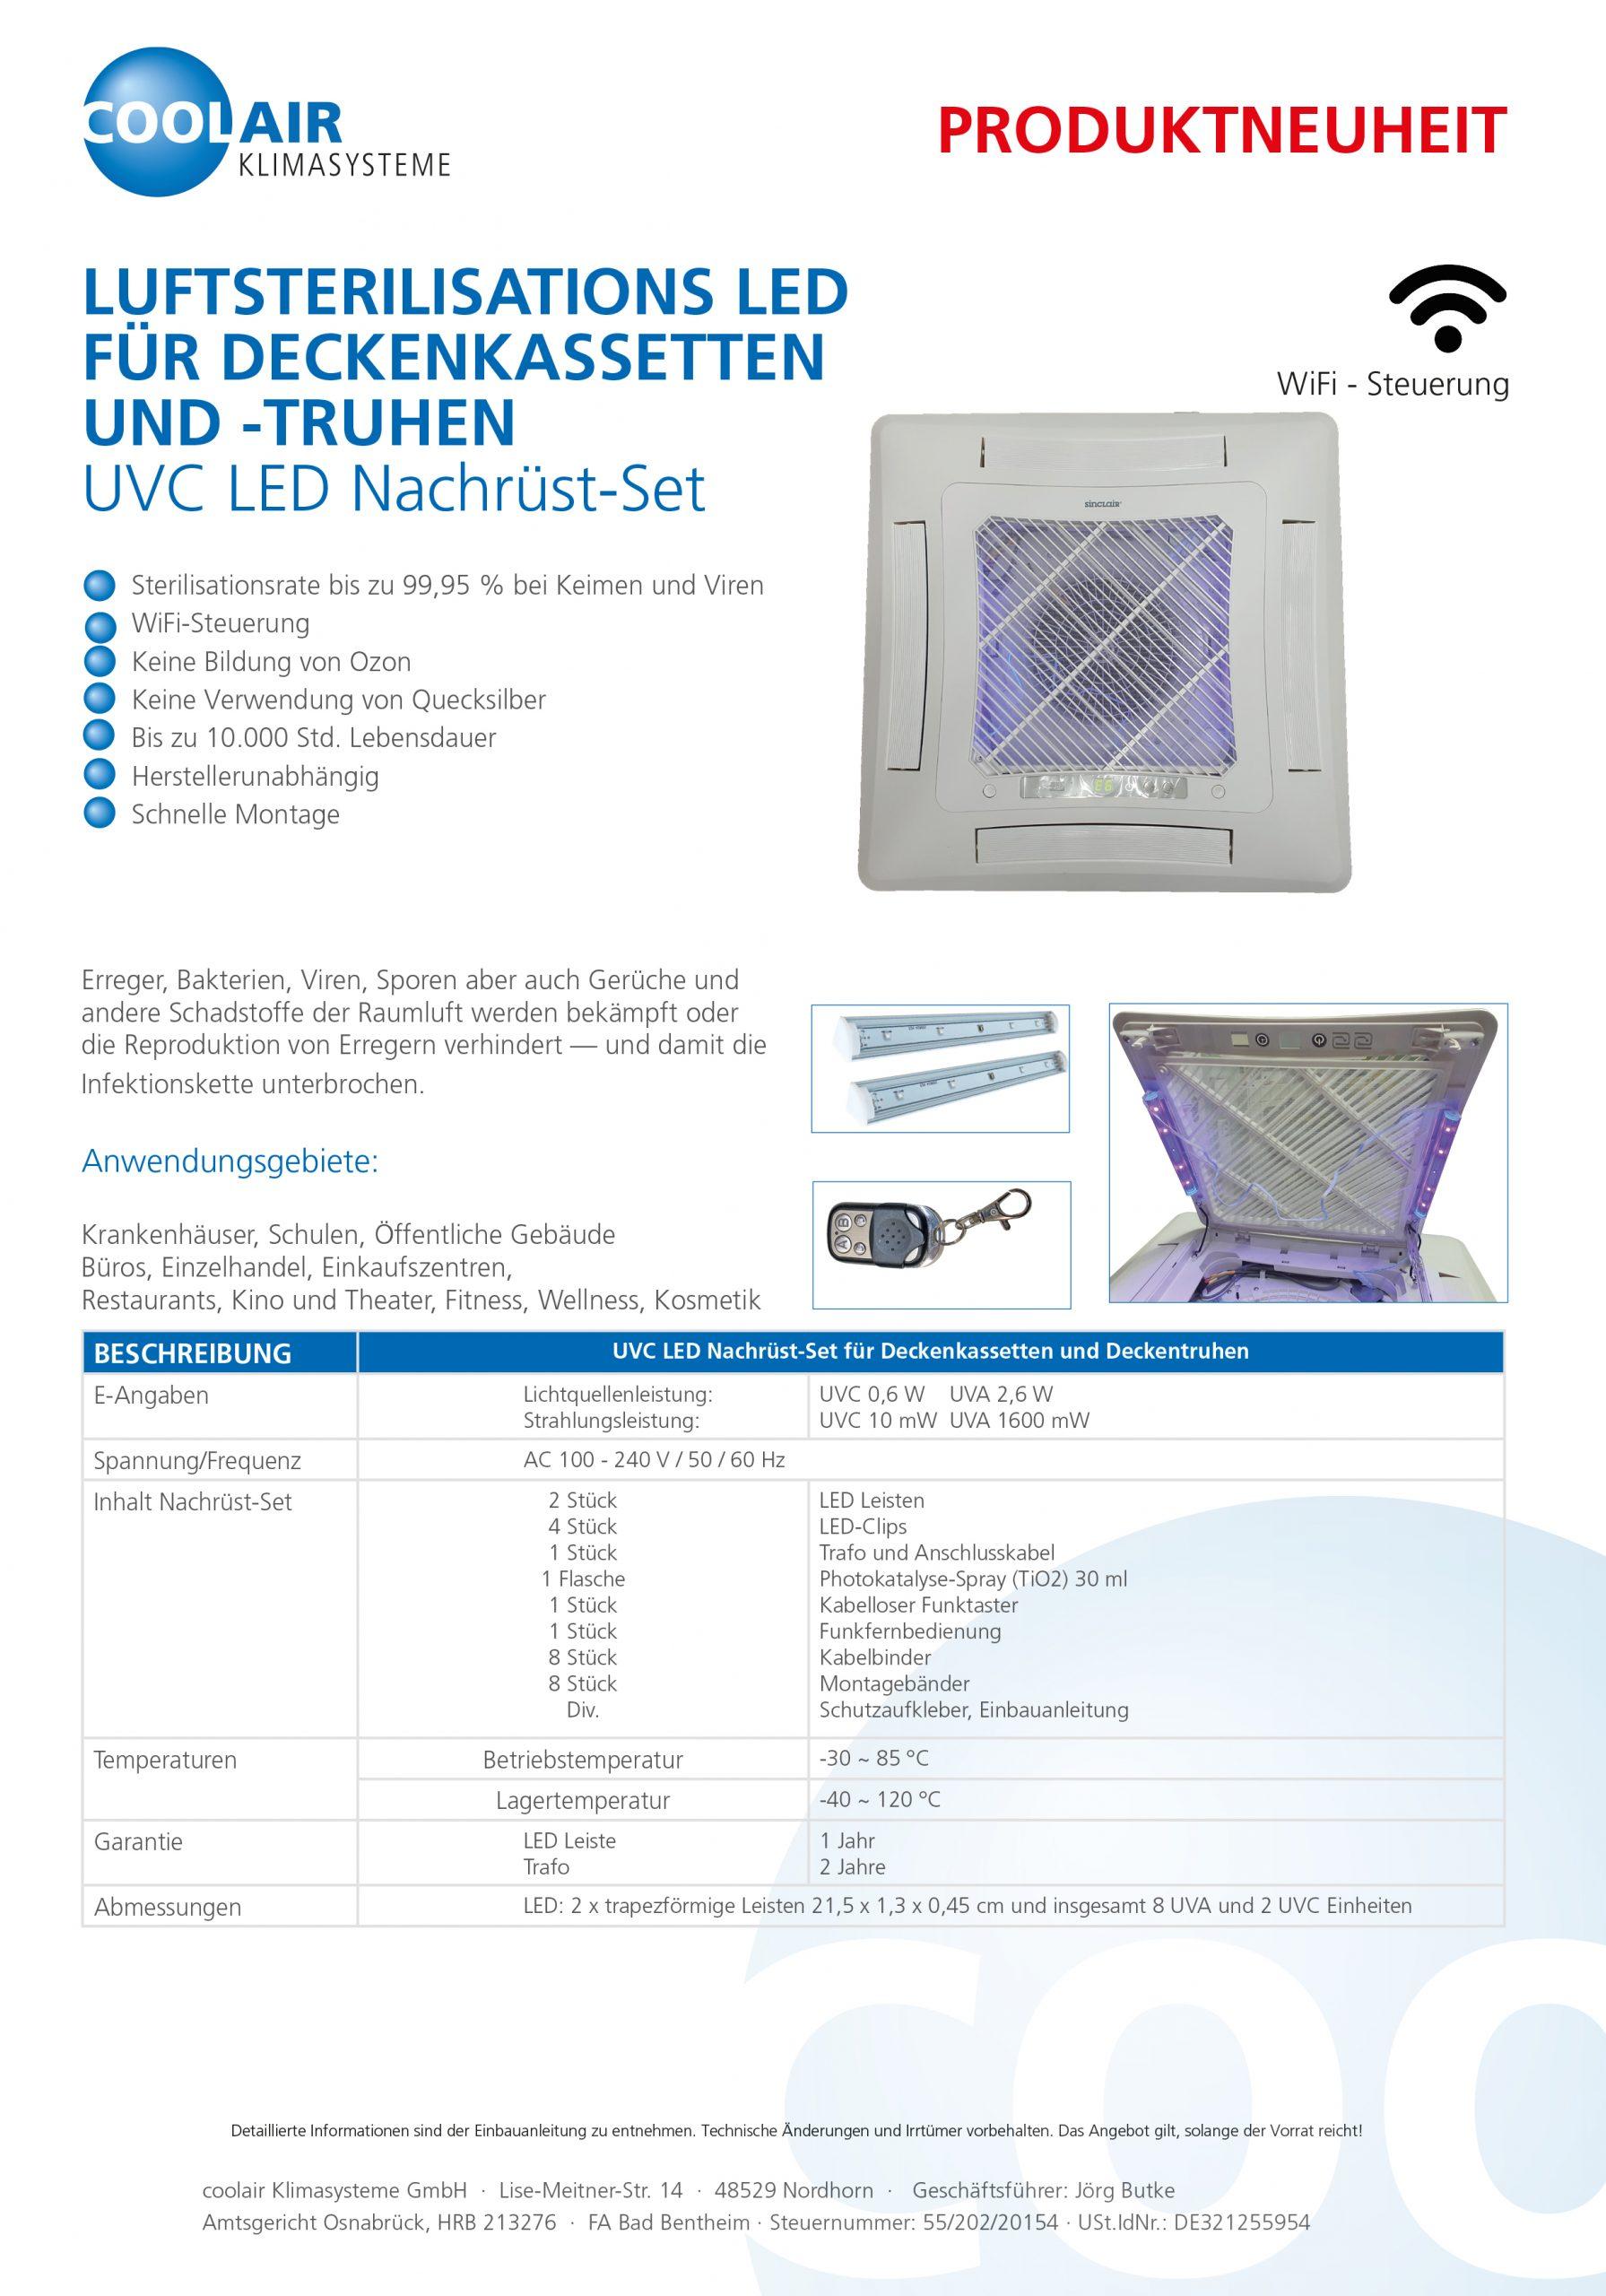 UVC LED Nachrüst-Set für Deckenkassetten /-Truhen